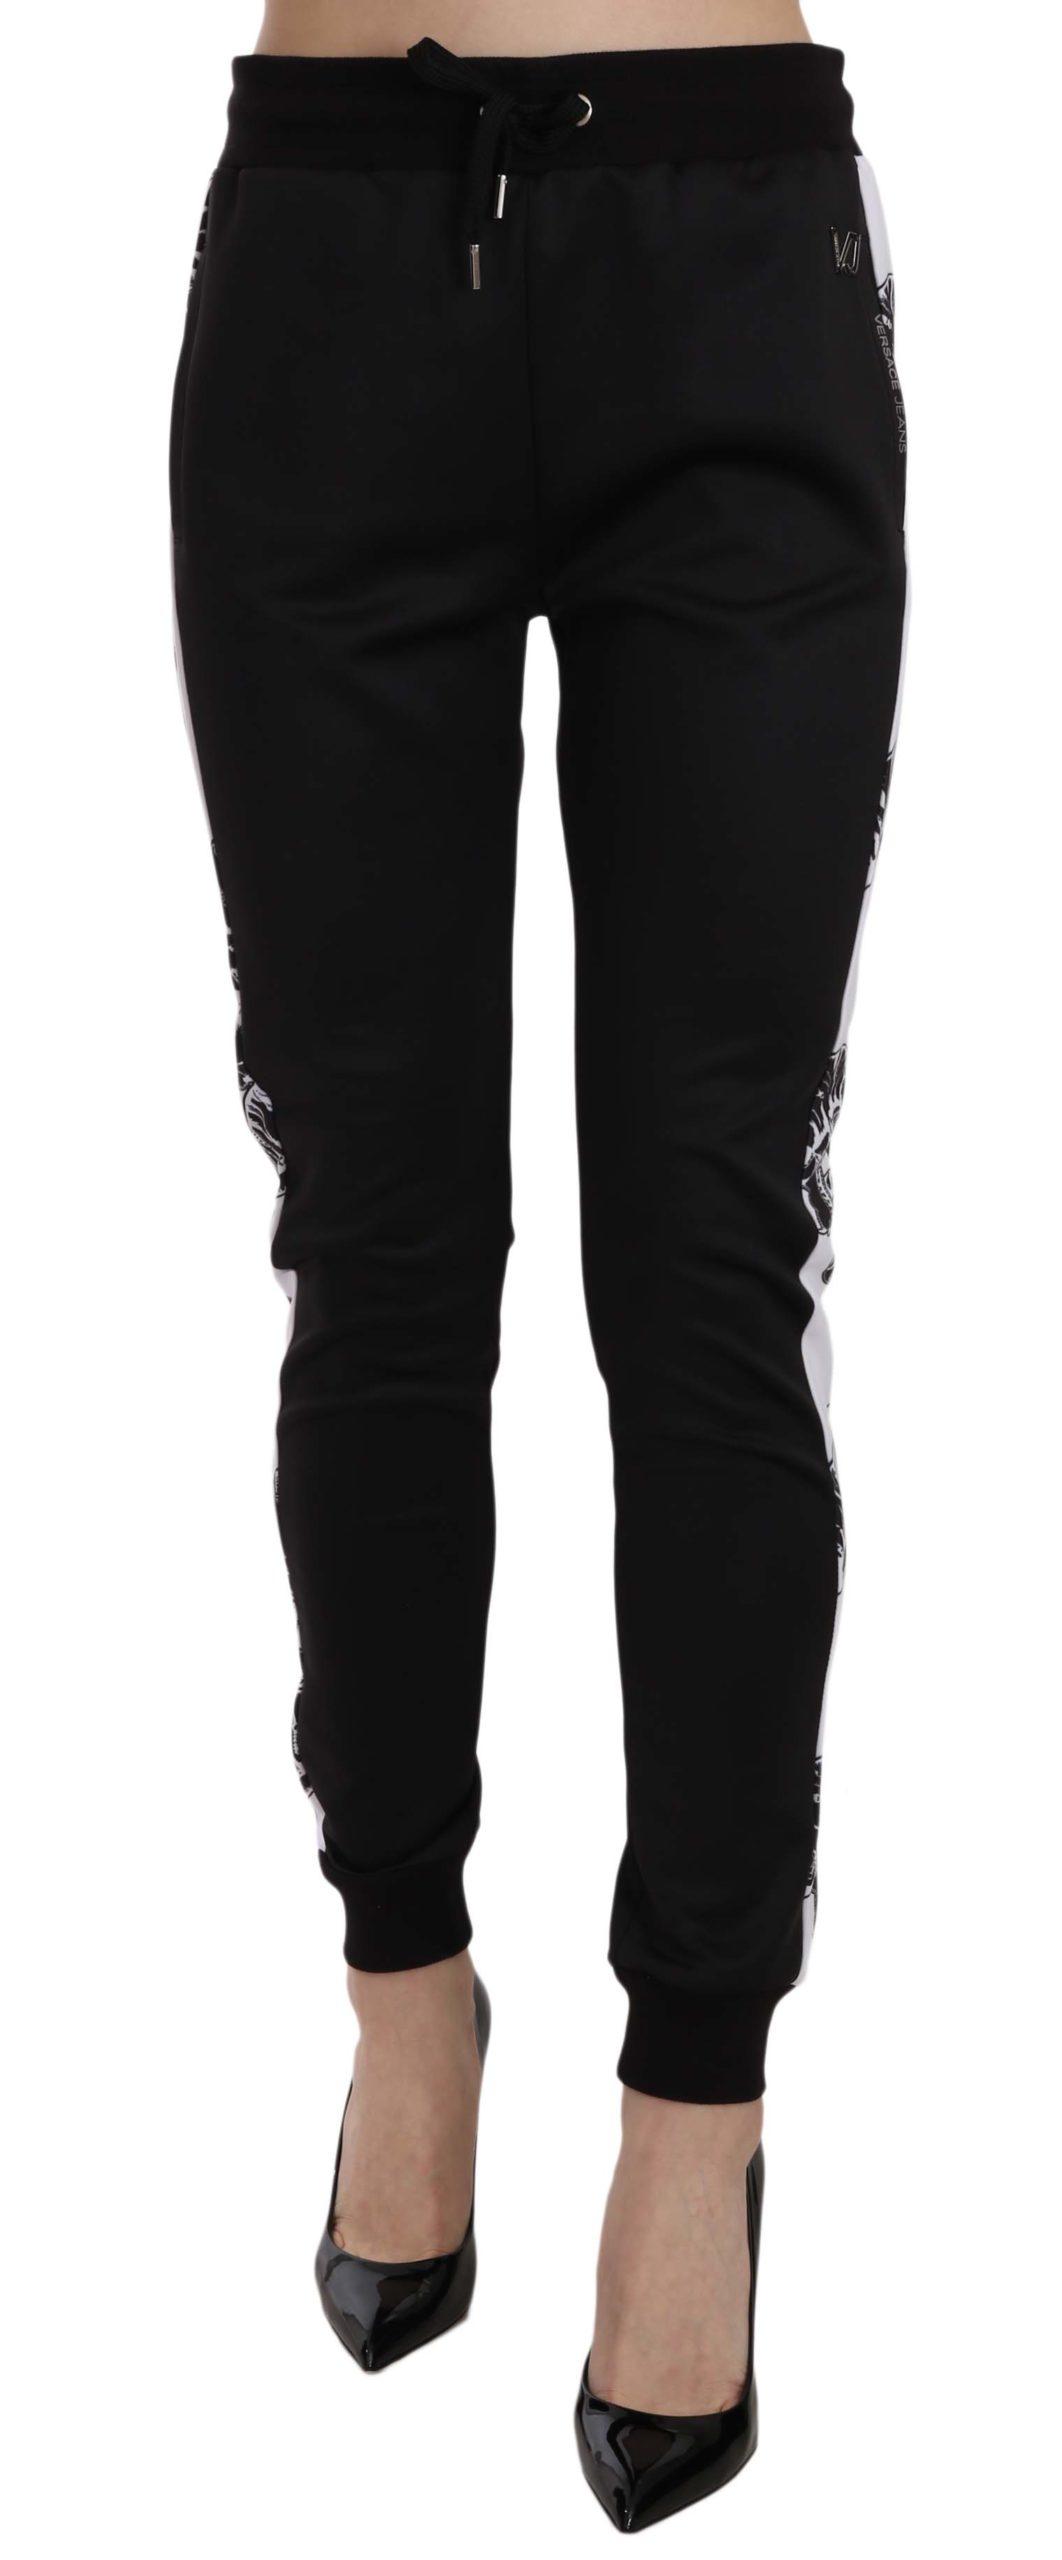 Versace Jeans Women's Drawstring Logo Trouser Black PAN60997 - IT36 XXS